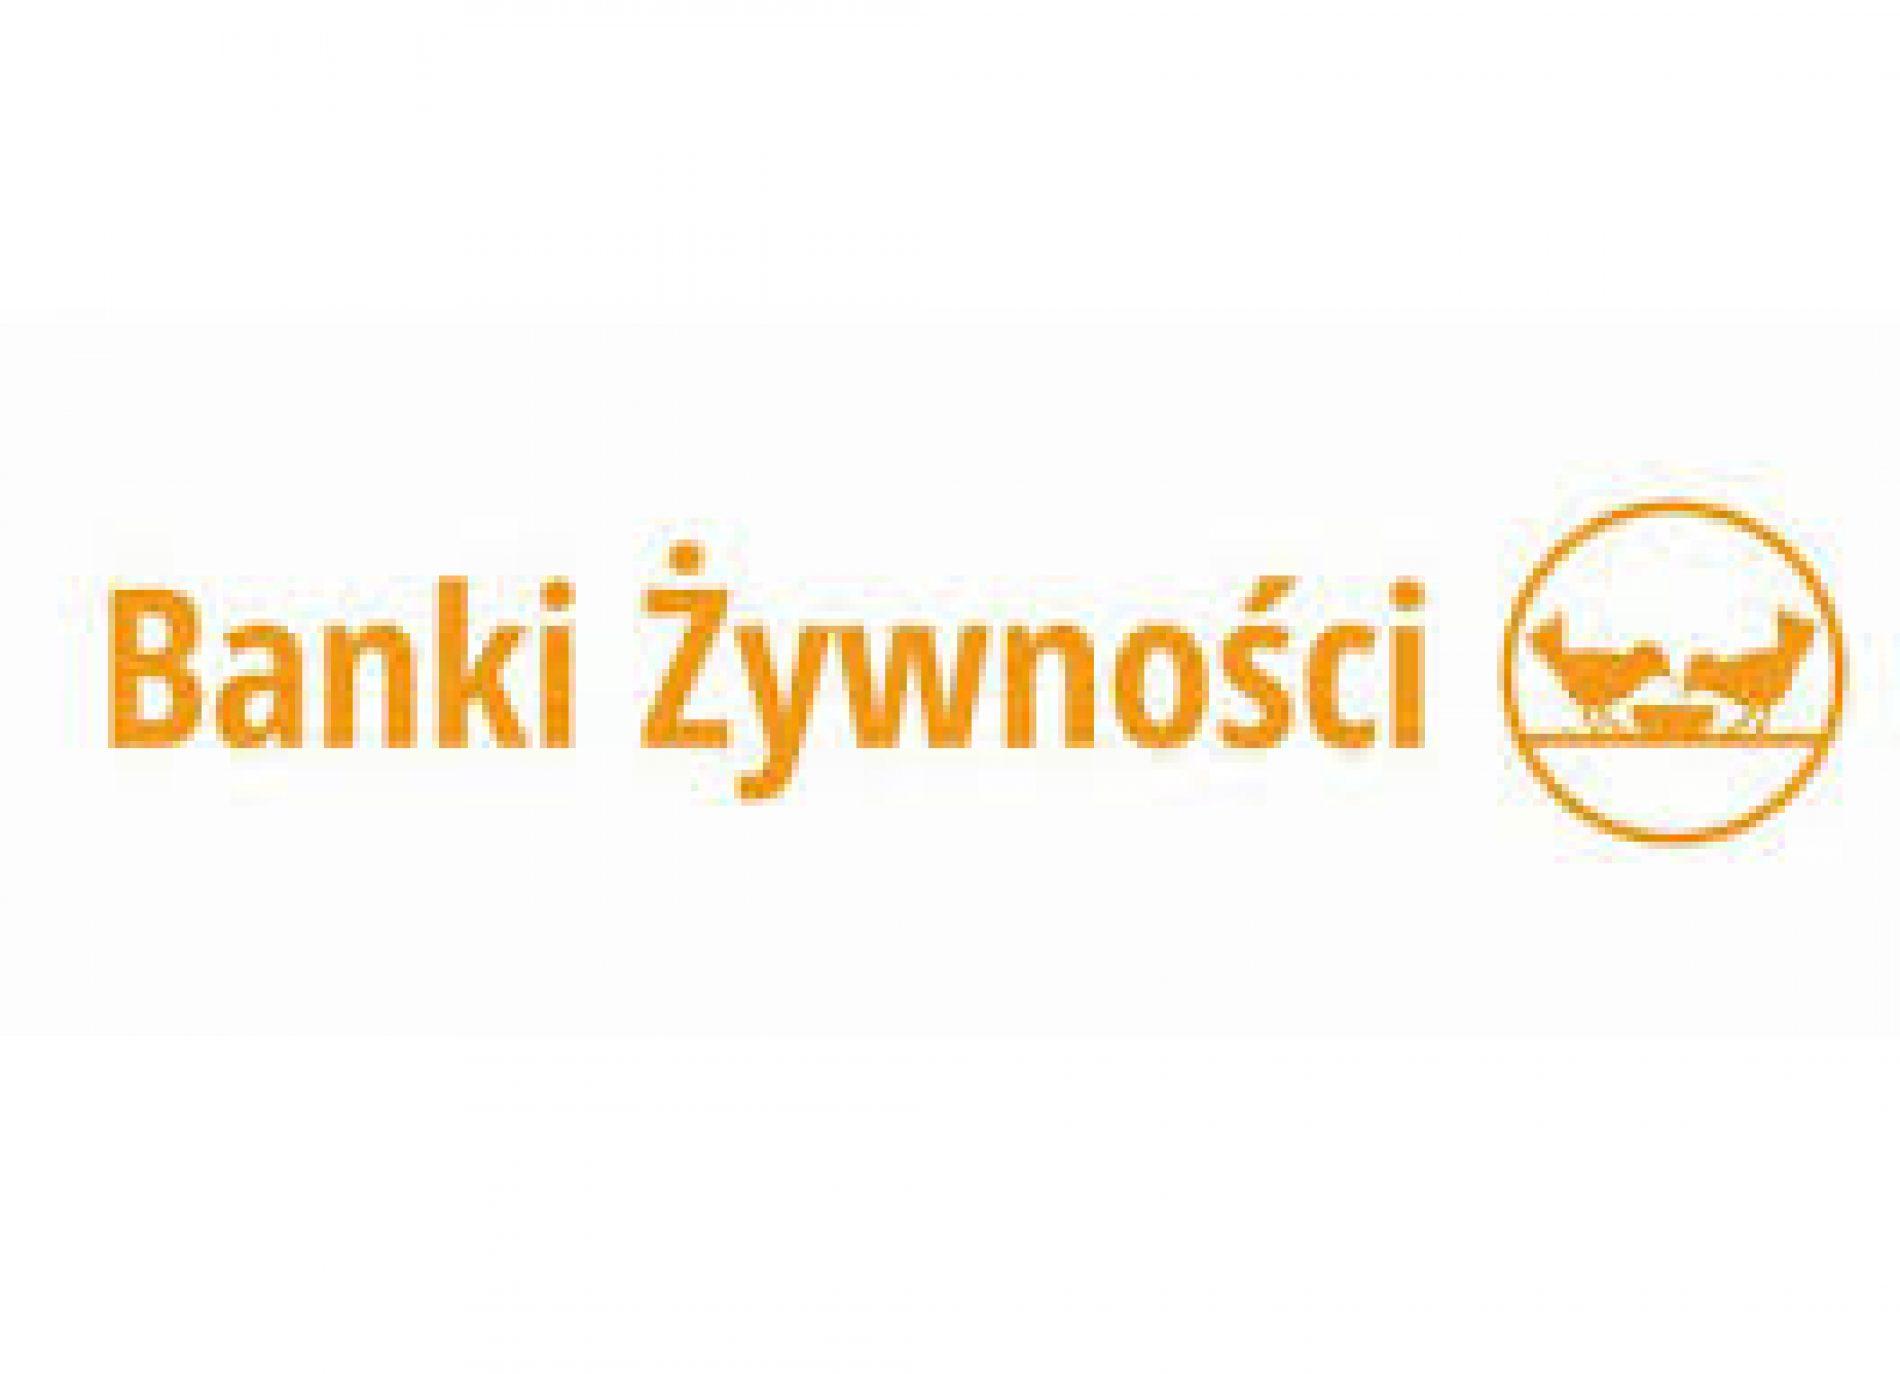 W Olsztynie oficjalnie otwarto Kuźnię Społeczną Banku Żywności